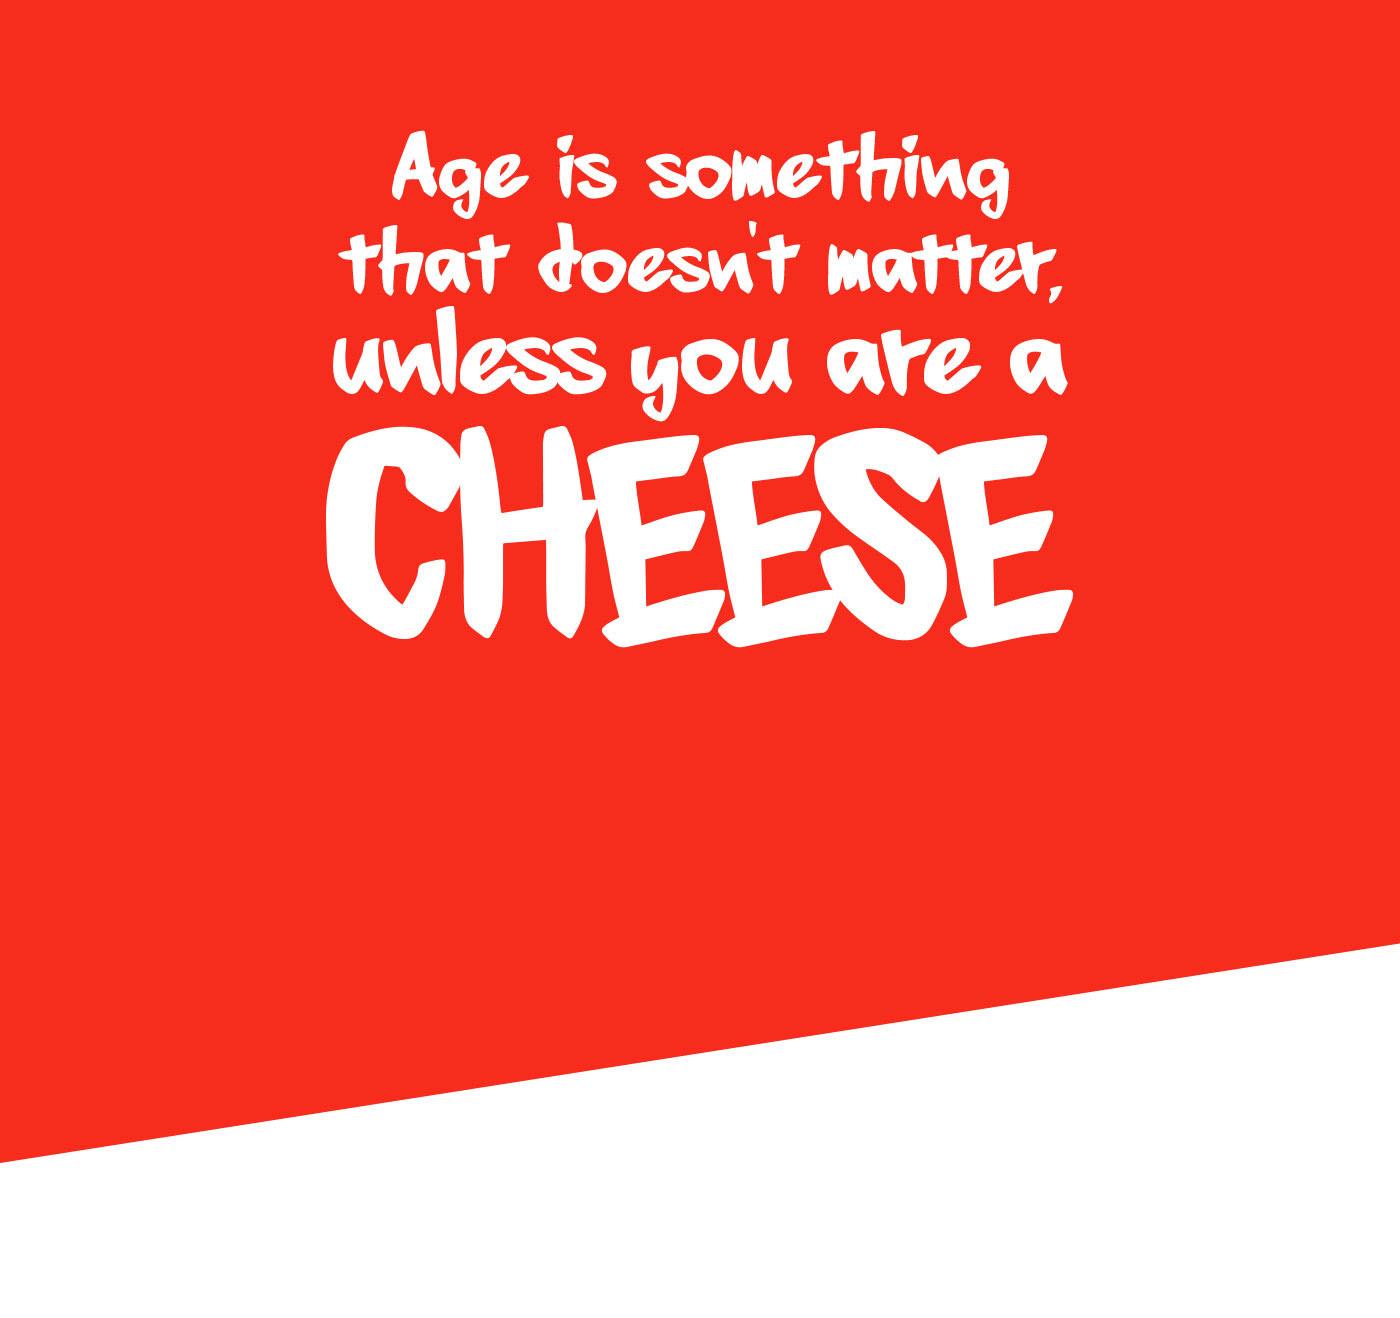 manoyri Cheese free font english greek passas Tsiamis